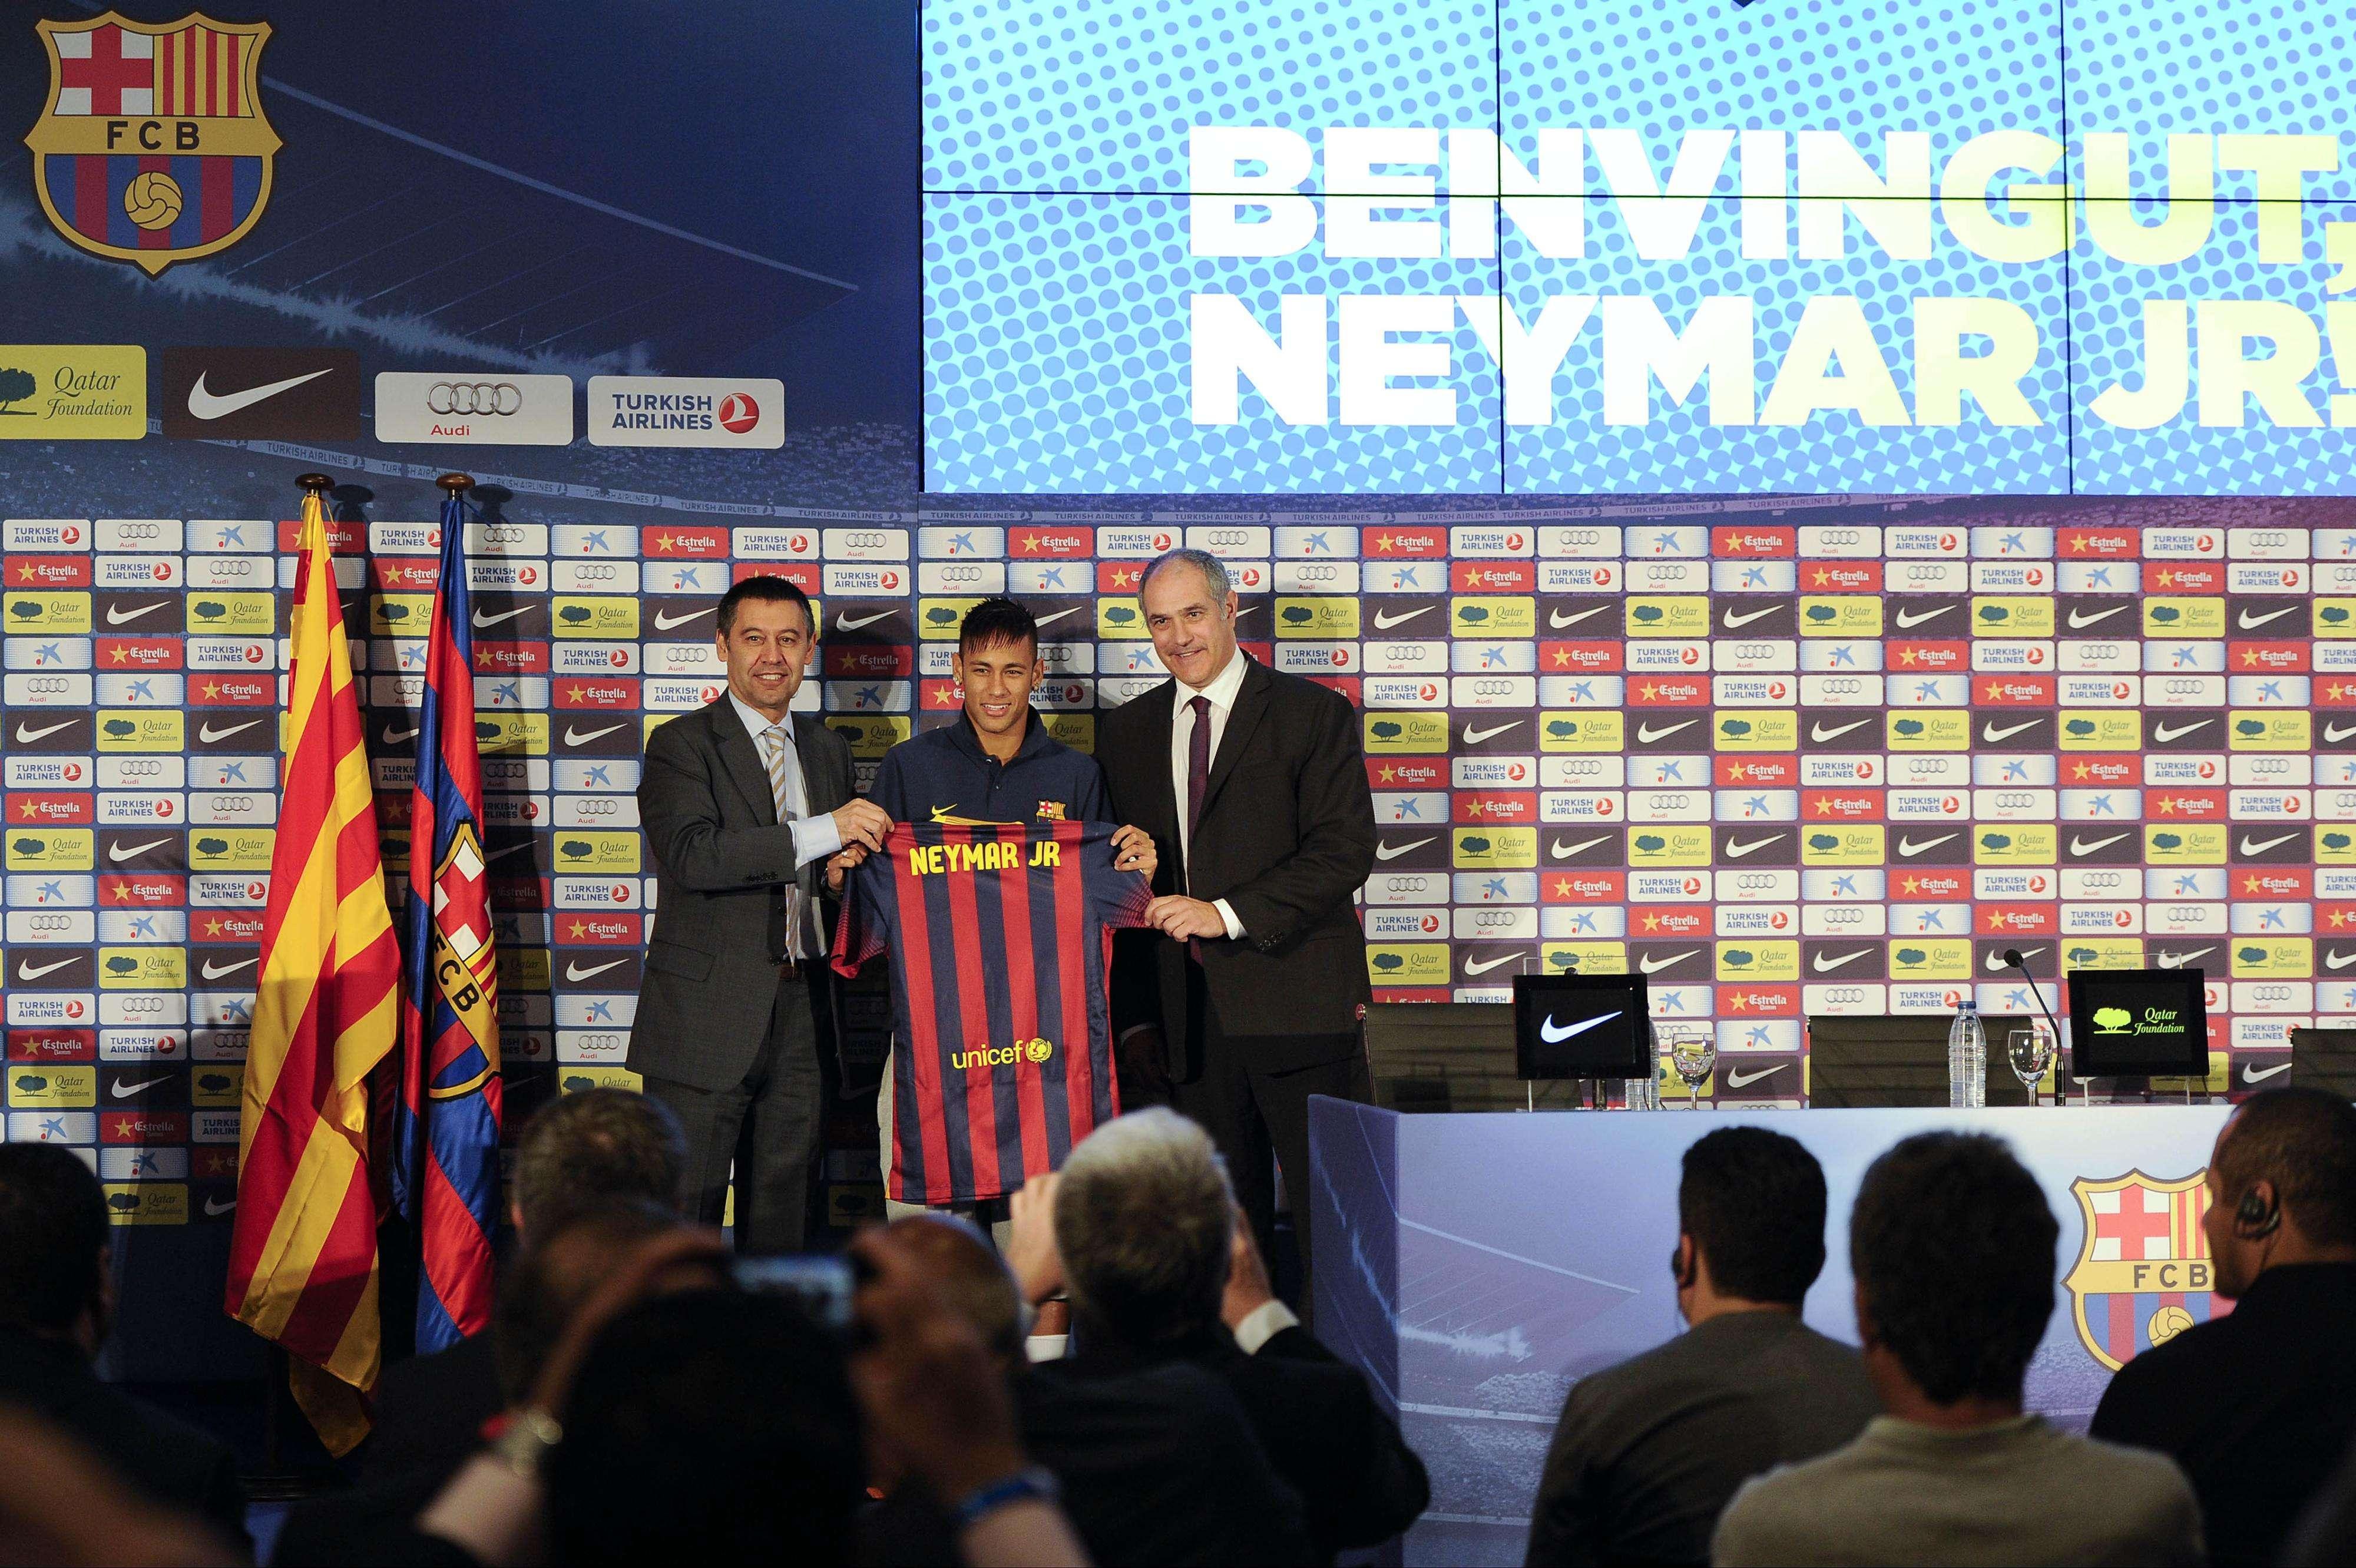 Presentación de Neymar. Foto: Getty Images